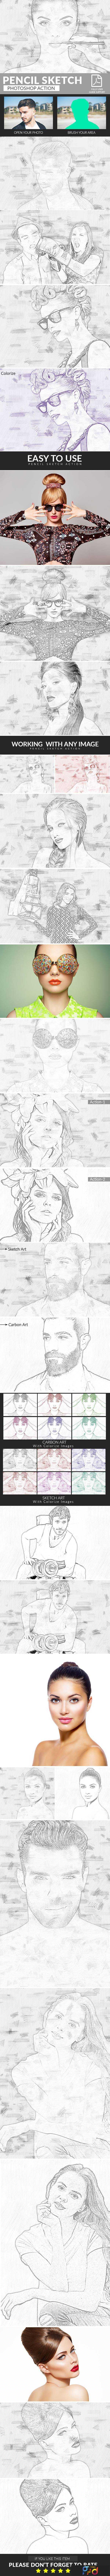 1805254 pencil sketch photoshop action 21667407 1